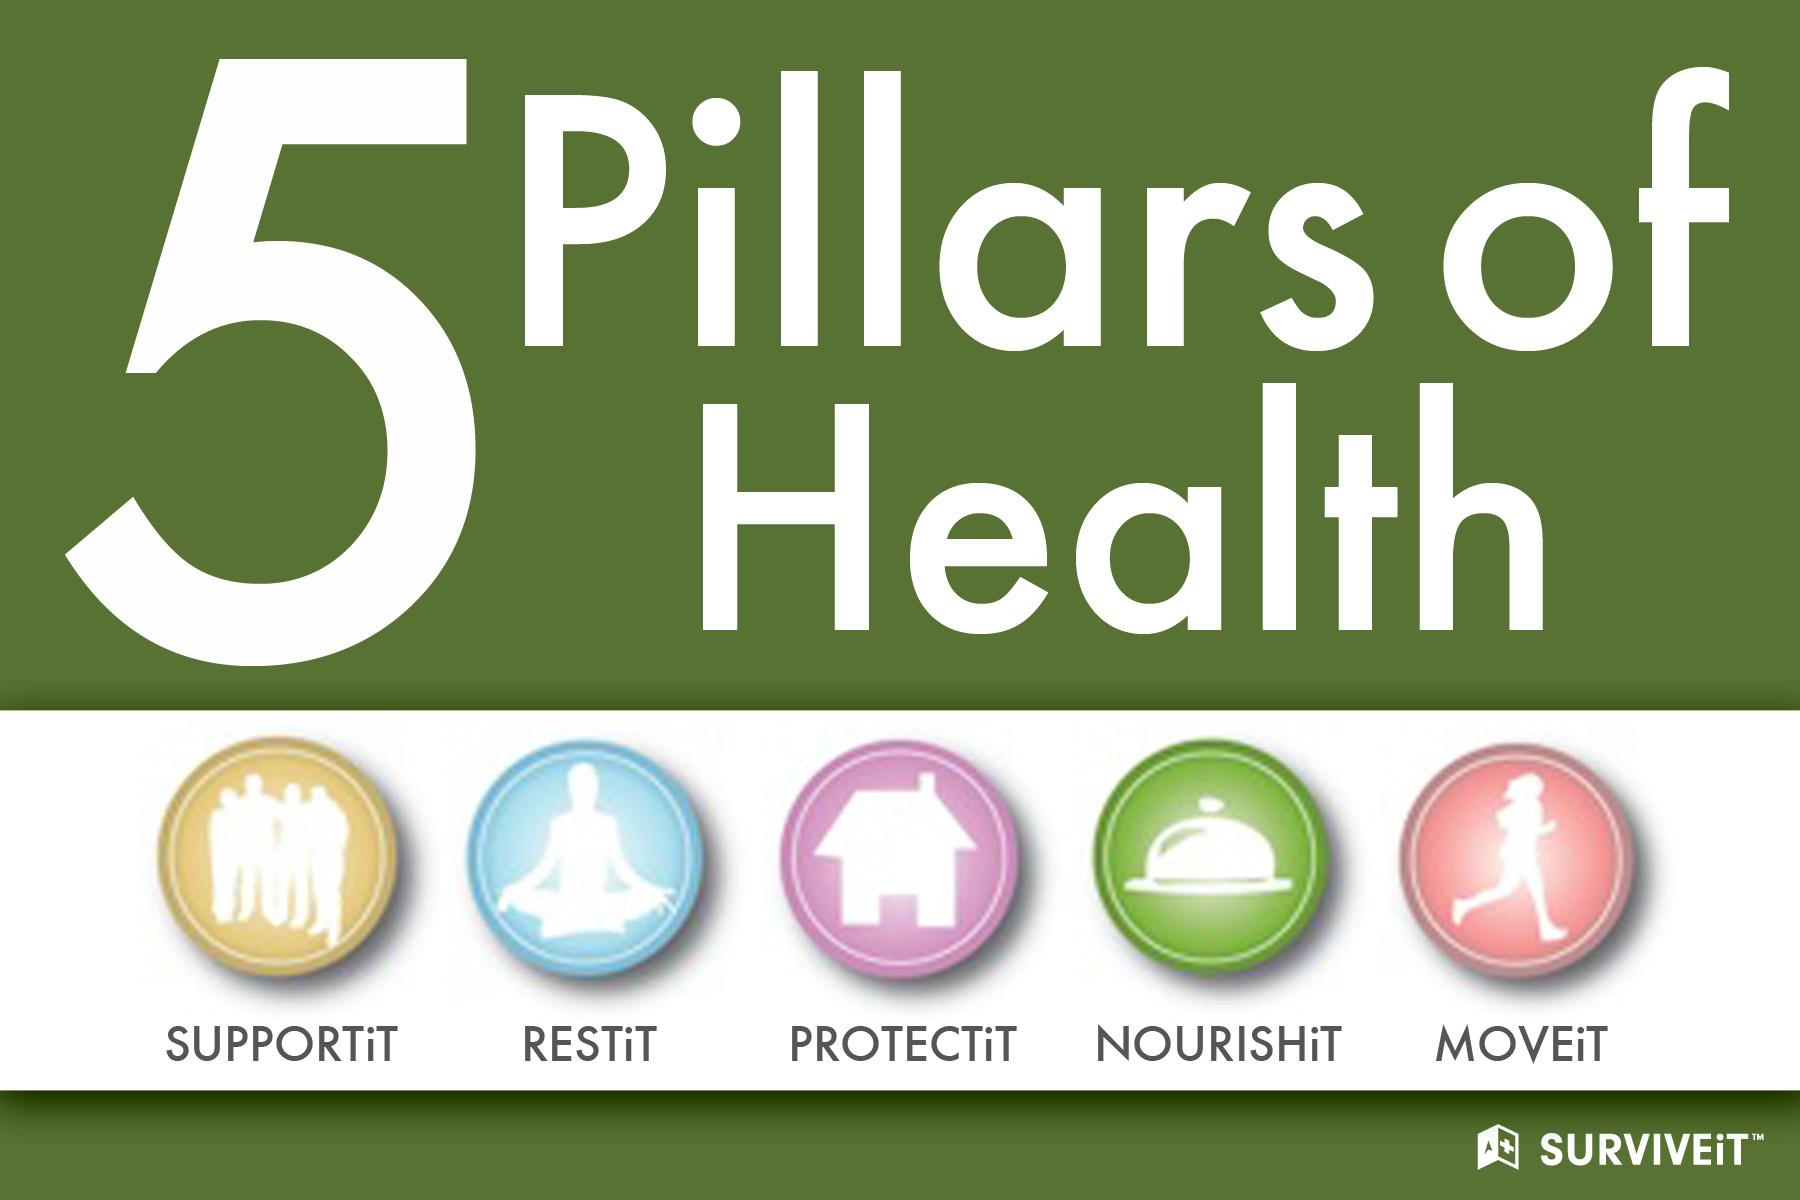 Surviveit S Five Pillars Of Health